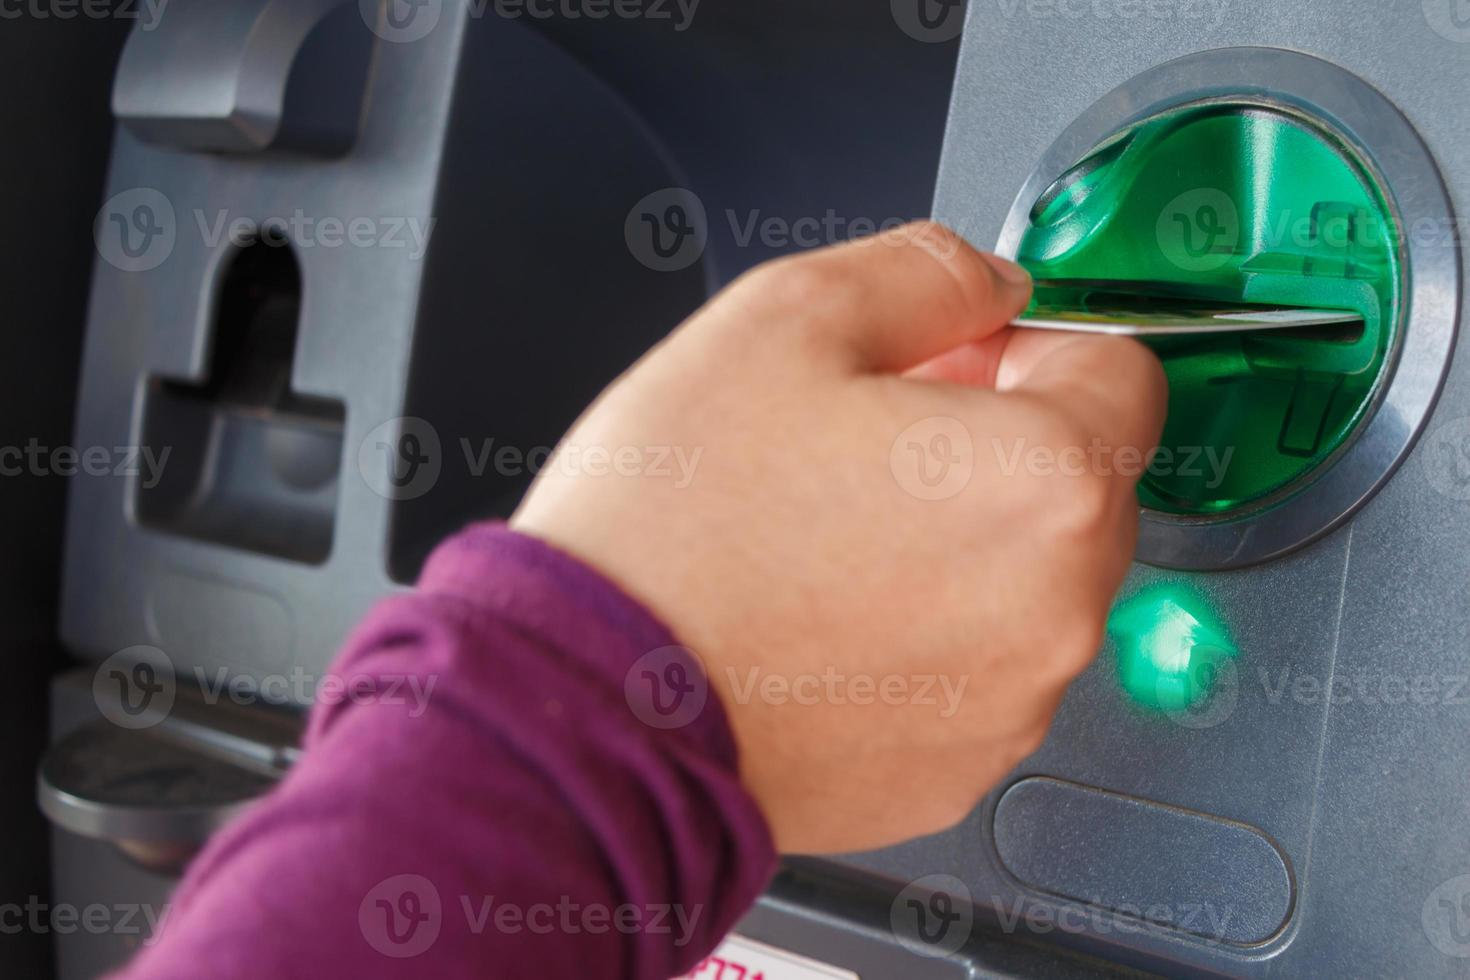 ATM close-up photo